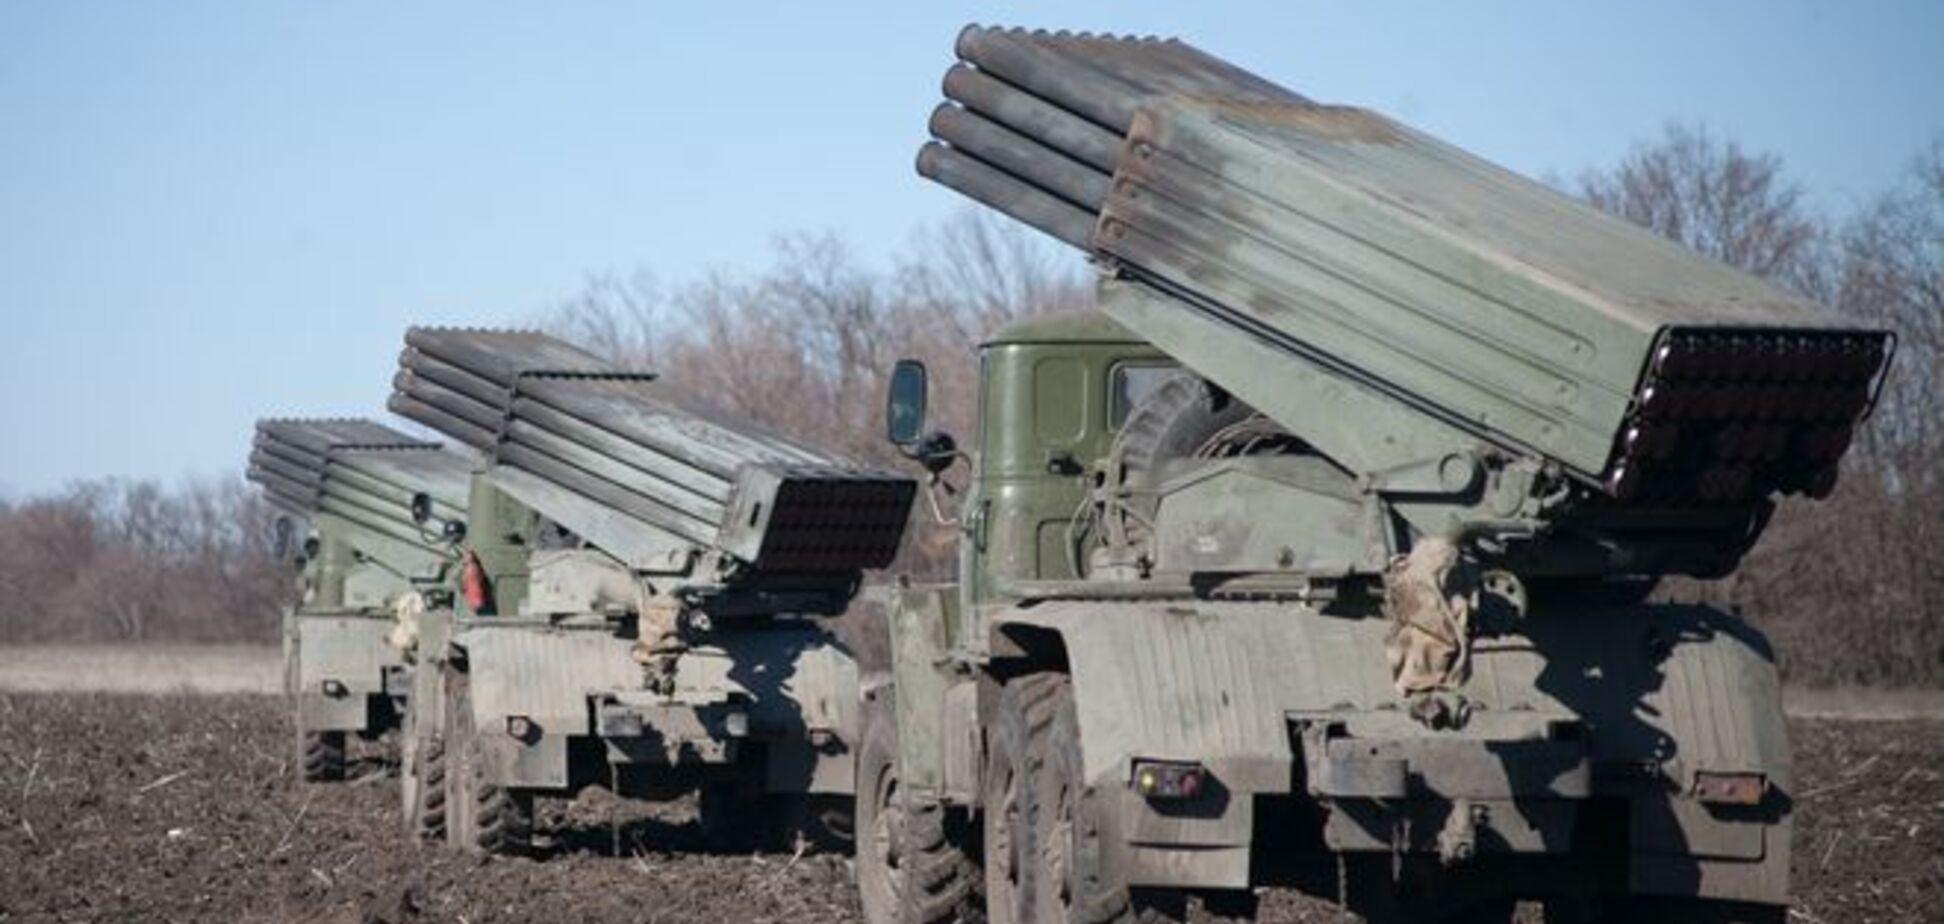 Опубликованы точные координаты размещения 'отведенной' техники террористов 'ЛНР'